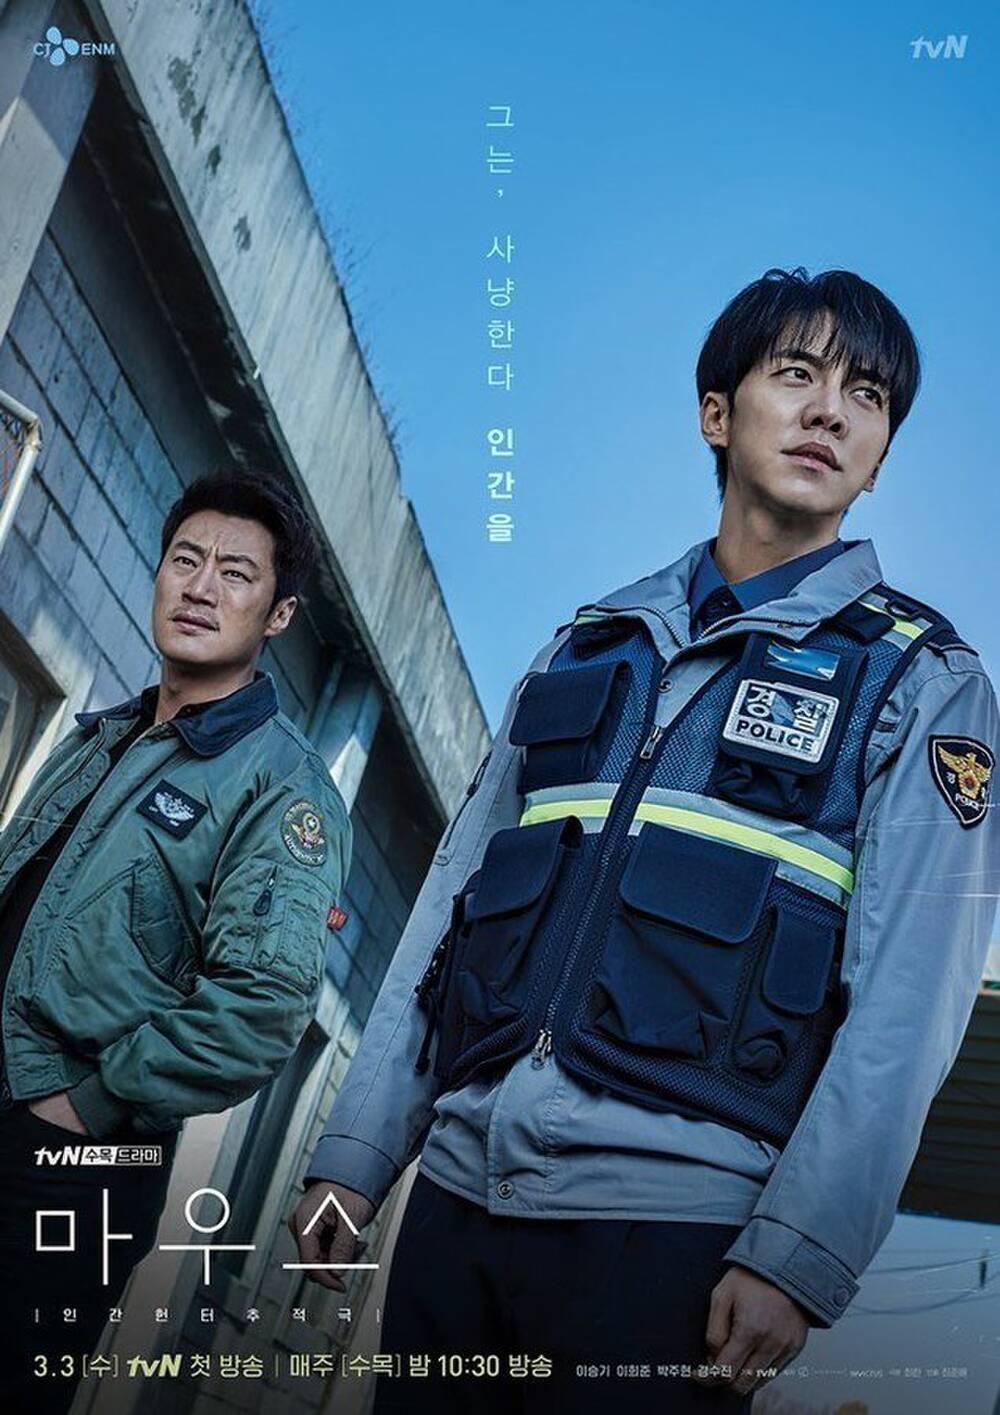 Phim truyền hình Hàn Quốc tháng 3: Đa dạng thể loại, từ lãng mạn, hài hước đến kinh dị Ảnh 1